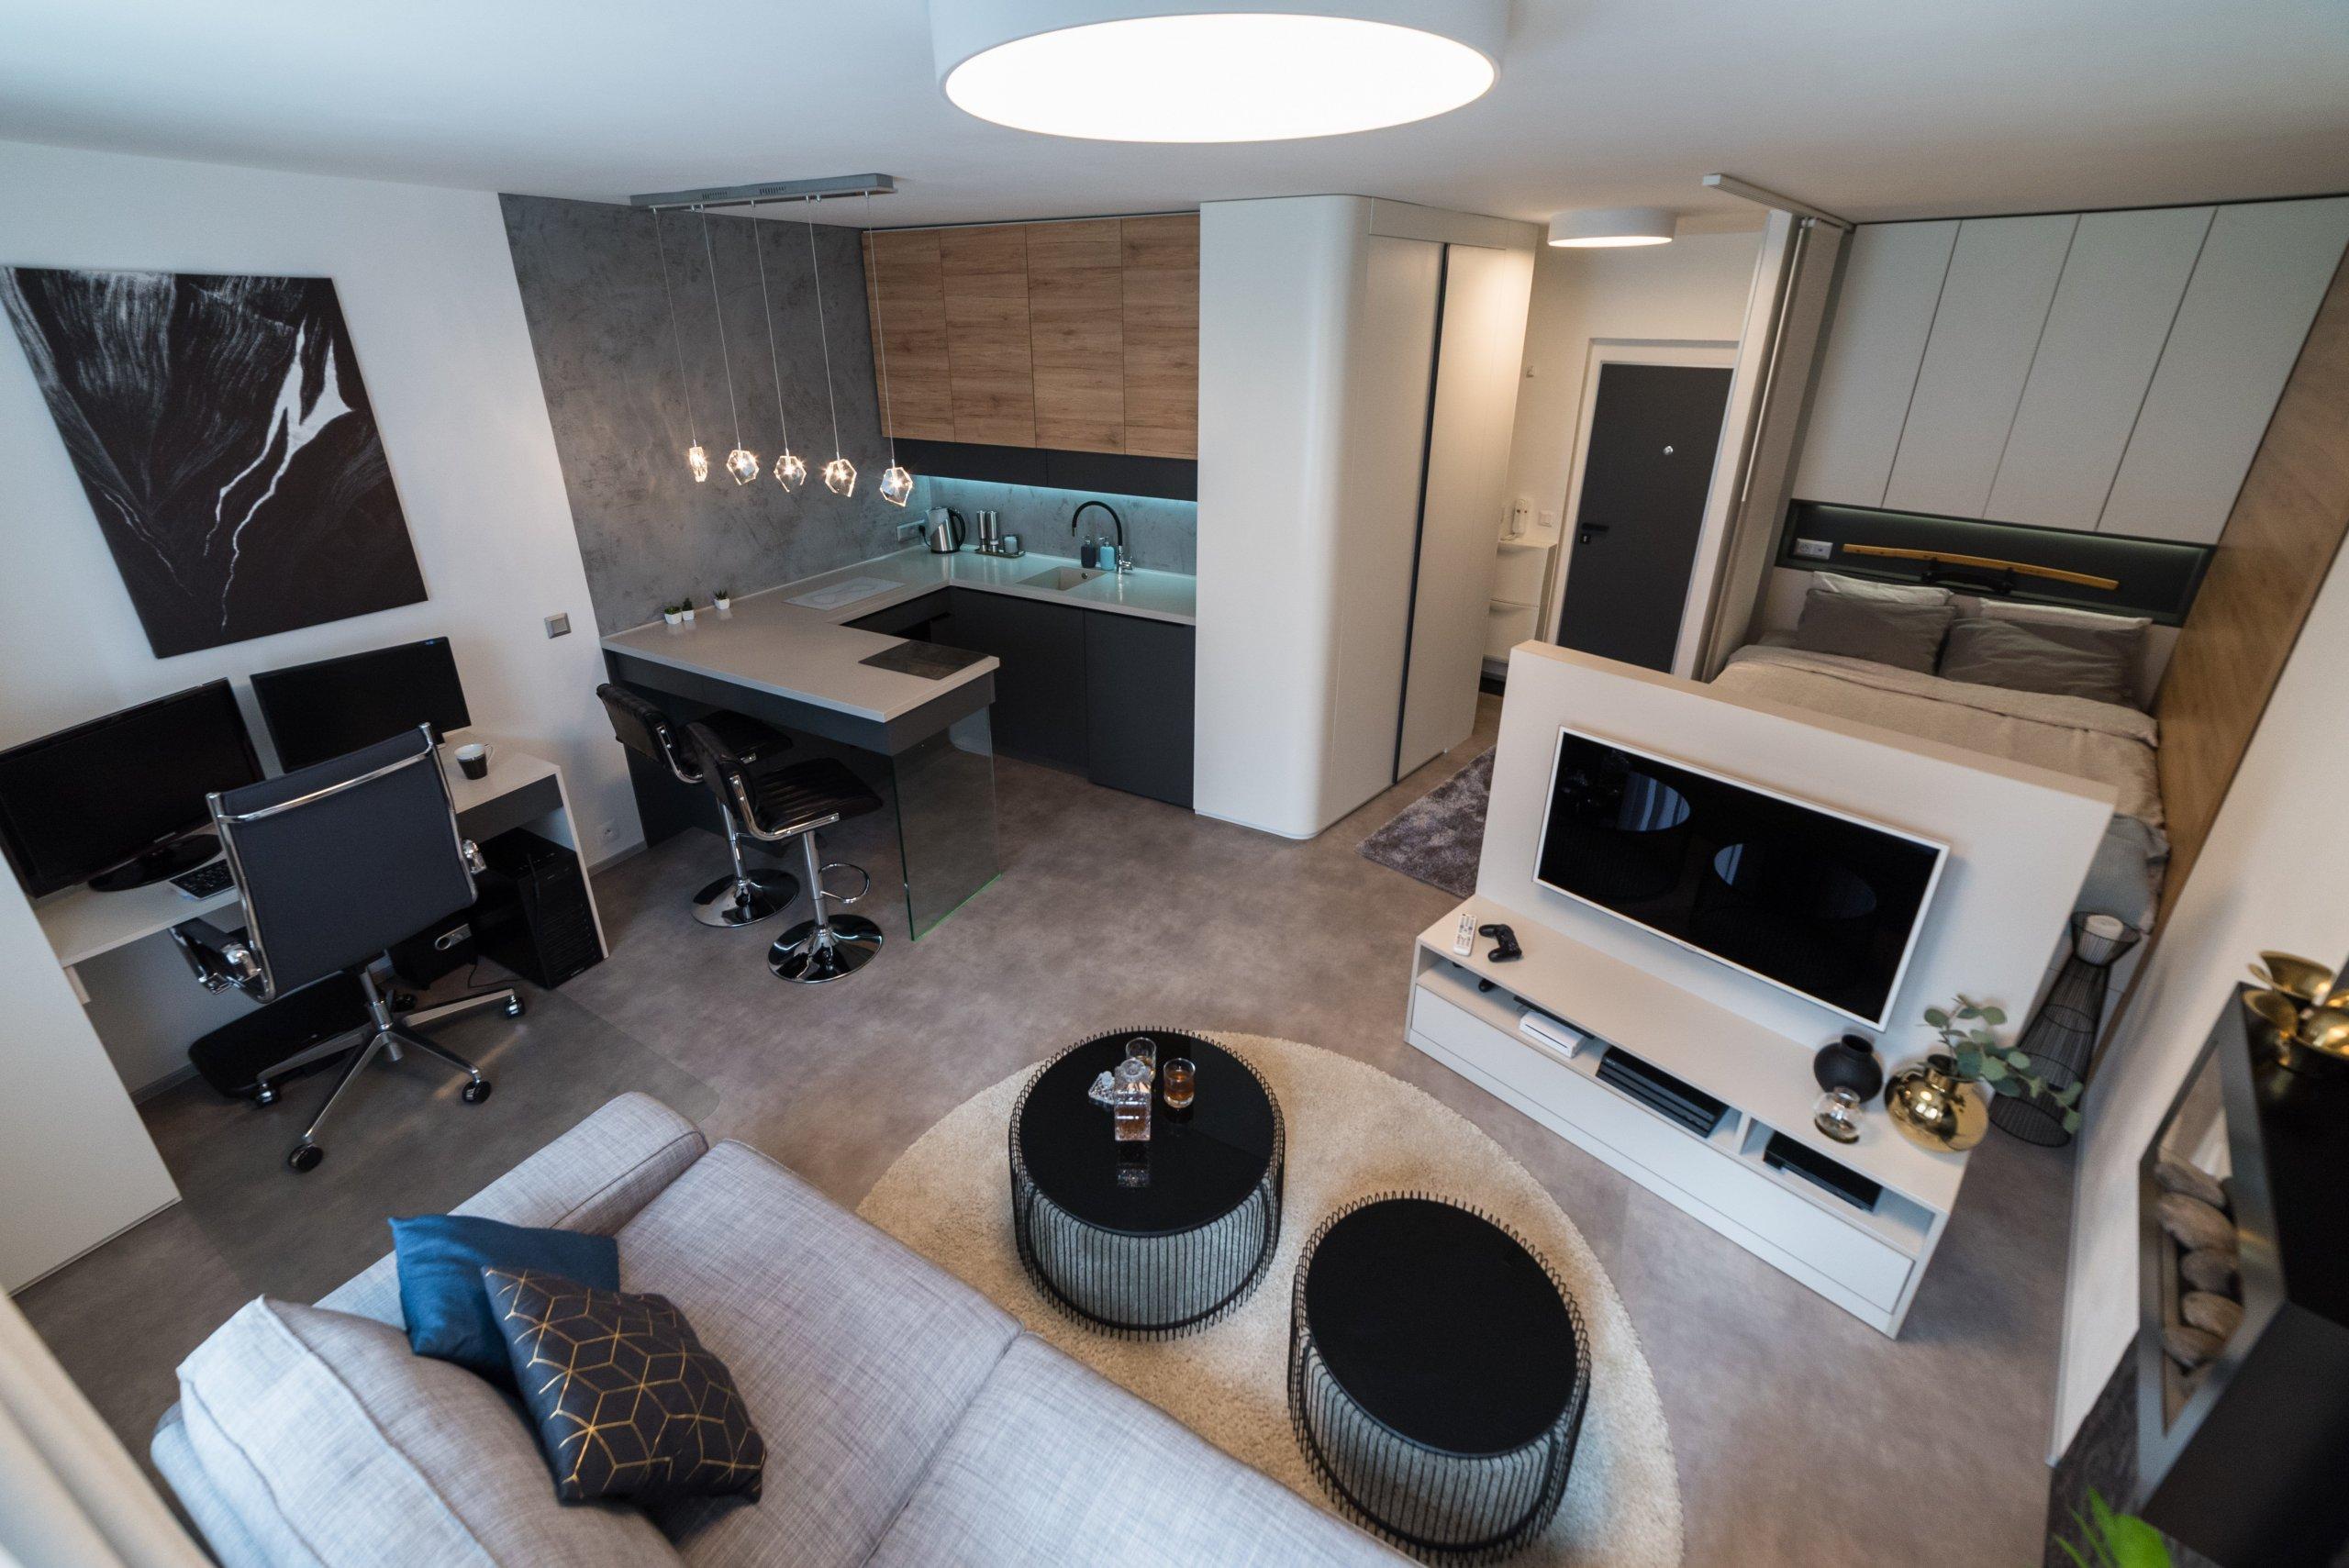 Většina developerů, kterí staví a prodávají malometrážní byty,moc neuvažuje o běžném životě v nich. Proto vznikají dispozice, které jsou pro plynulý…